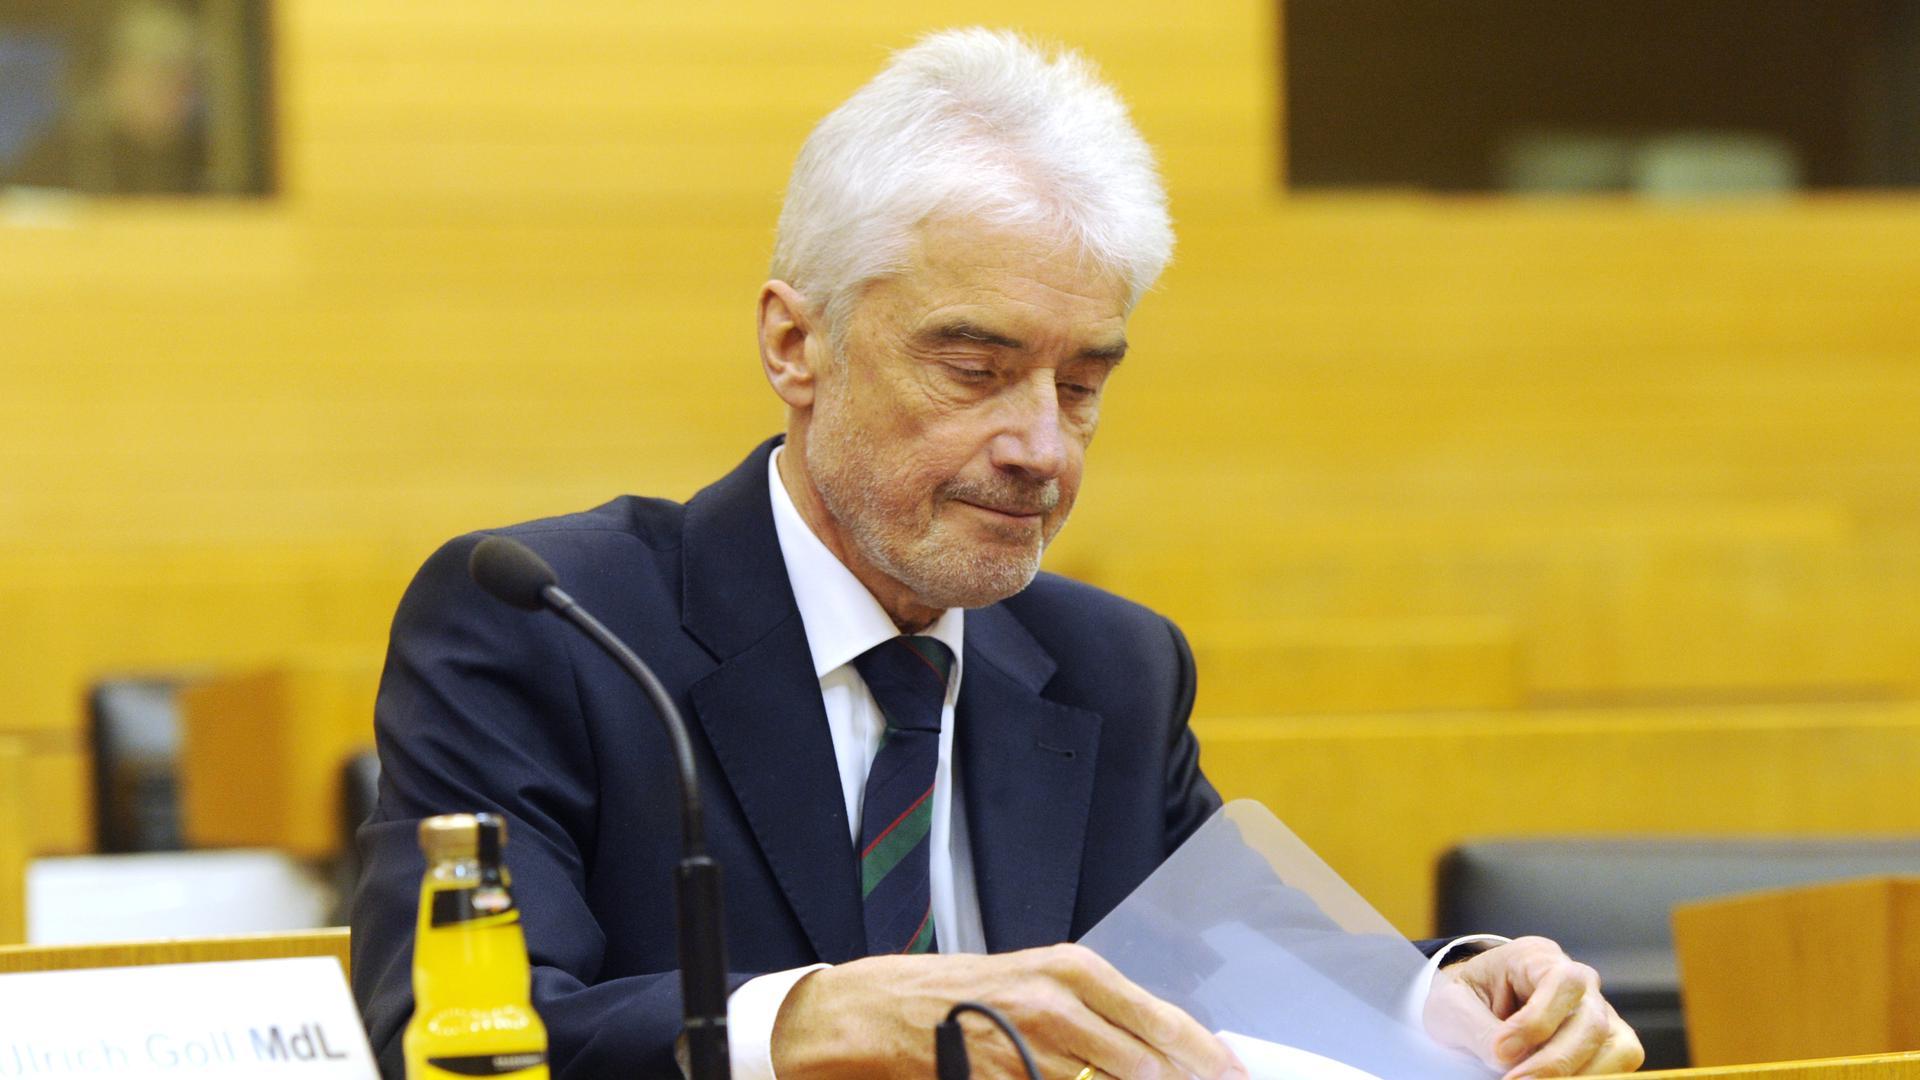 Ulrich Goll (FDP), der ehemalige Justizminister von Baden-Württemberg, sitzt im Plenarsaal im Landtag von Baden-Württemberg.